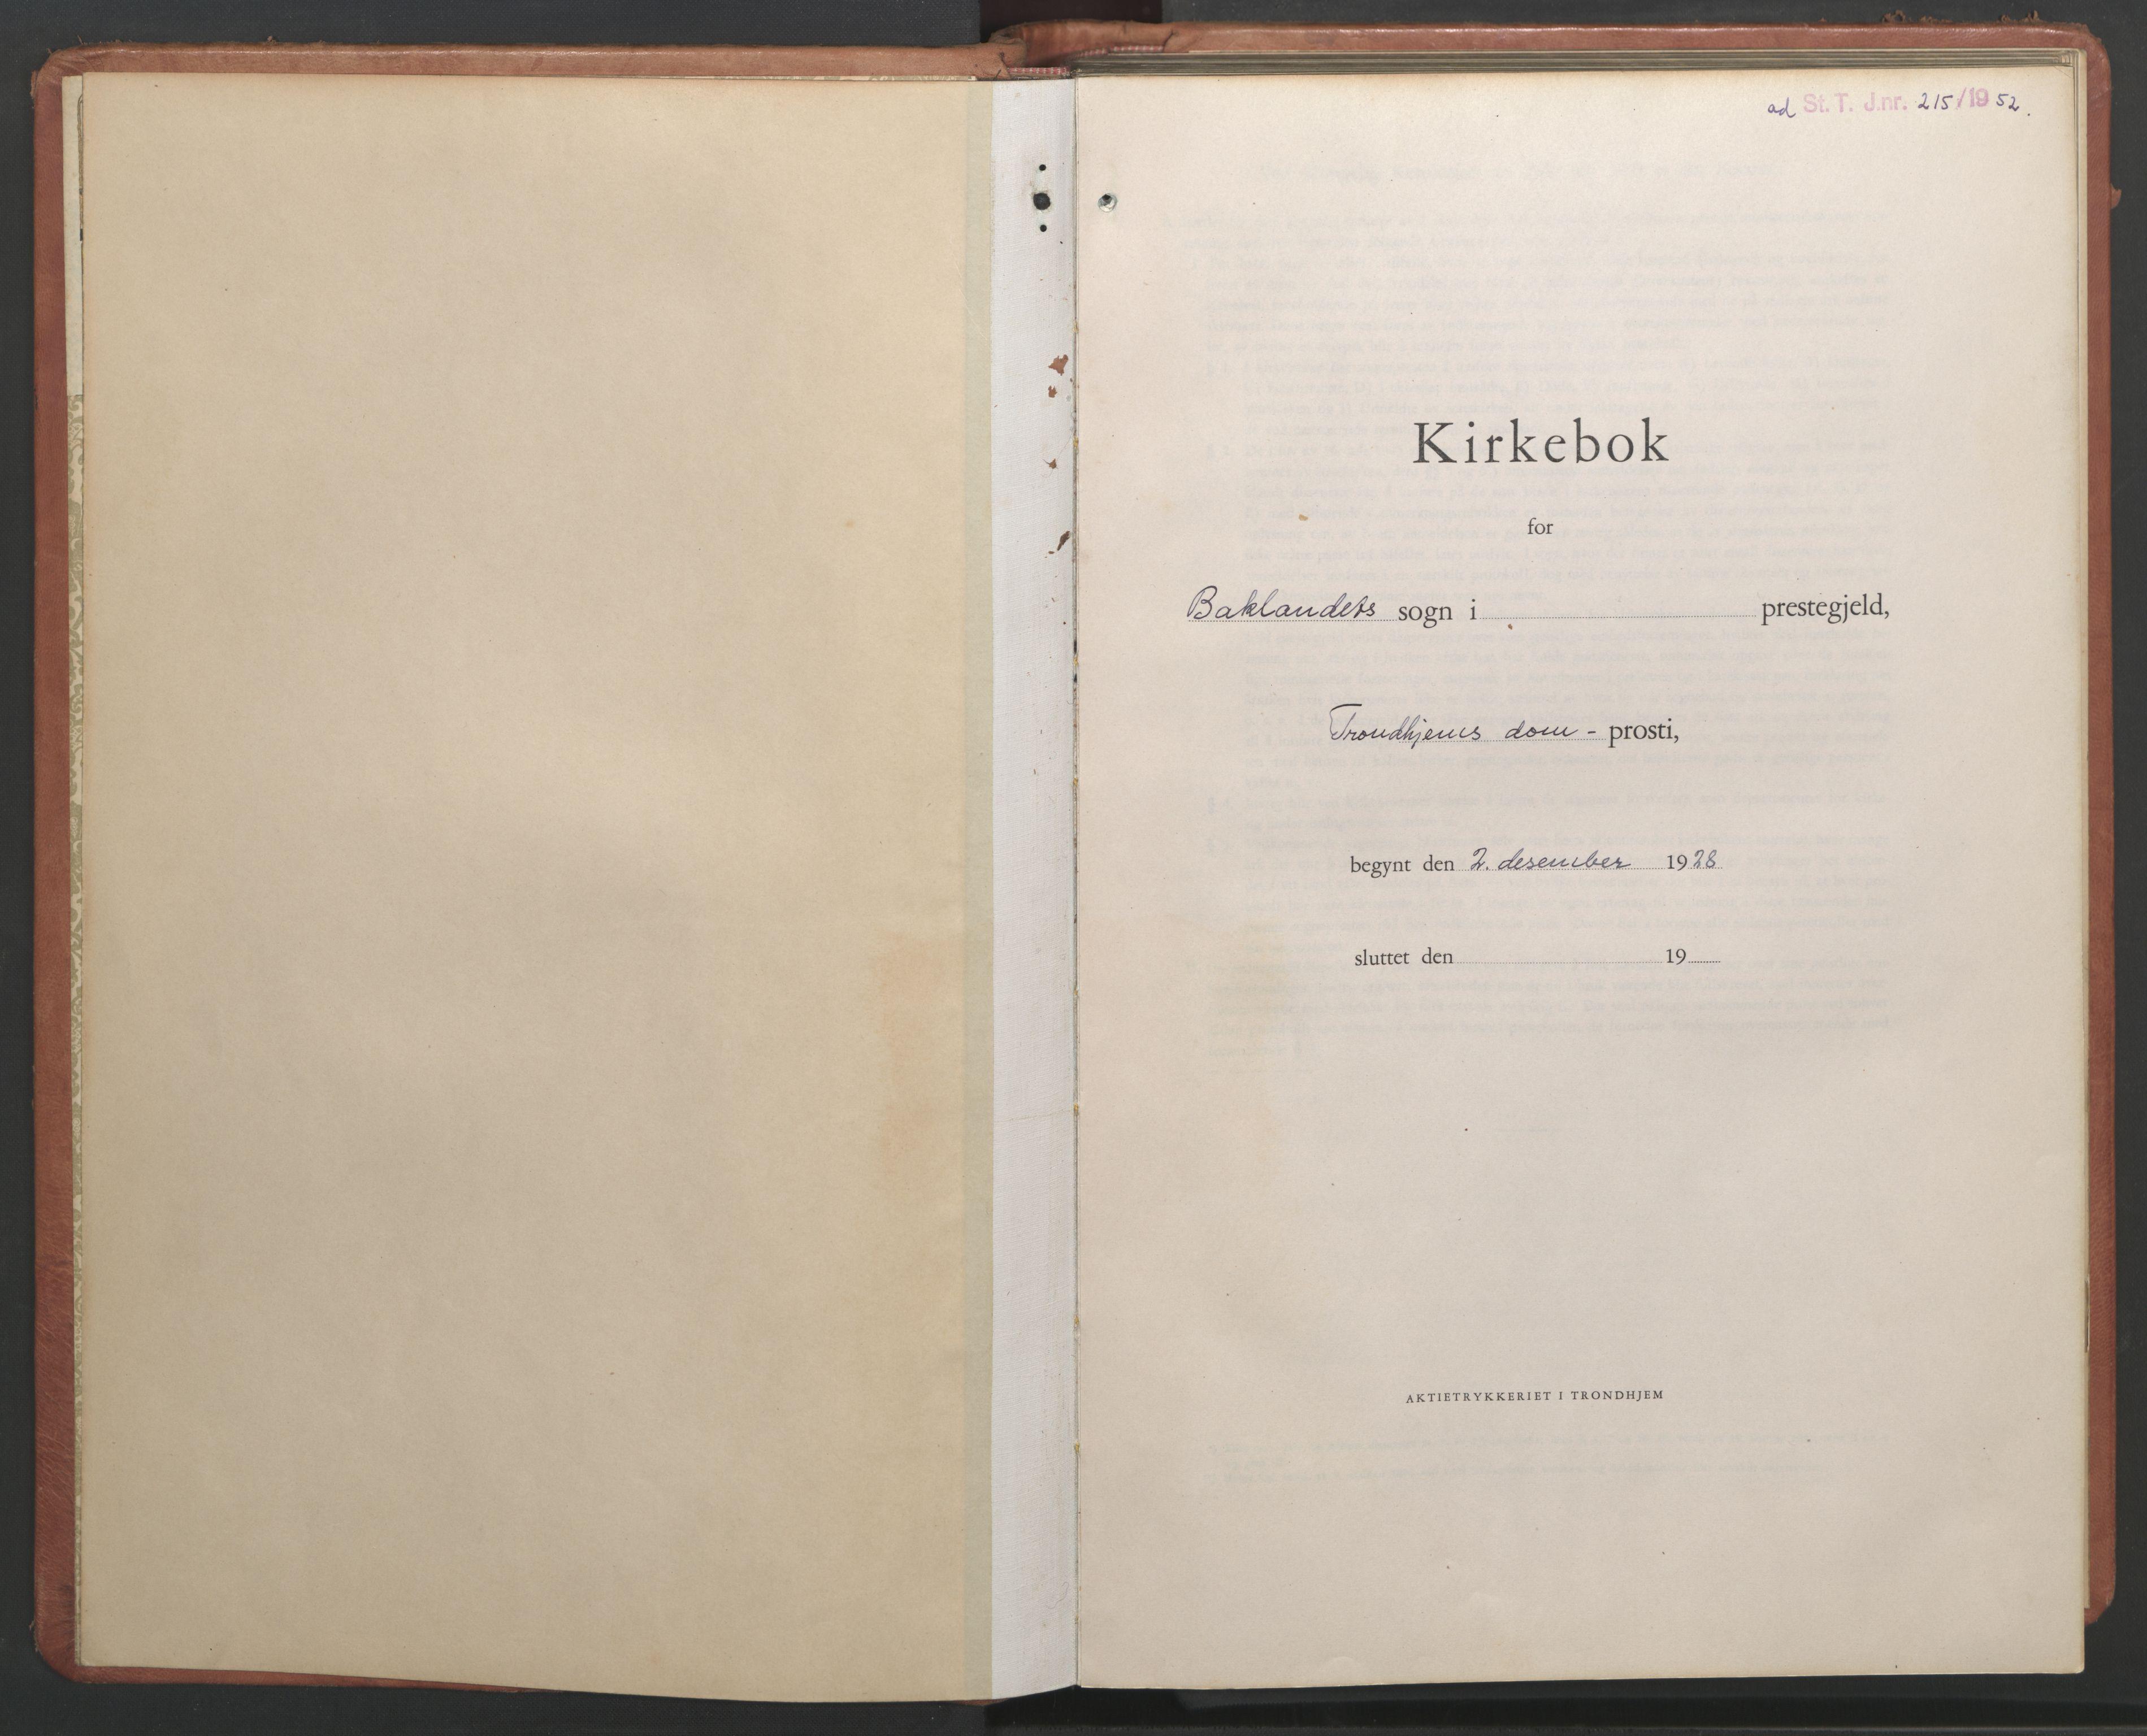 SAT, Ministerialprotokoller, klokkerbøker og fødselsregistre - Sør-Trøndelag, 604/L0228: Klokkerbok nr. 604C11, 1928-1950